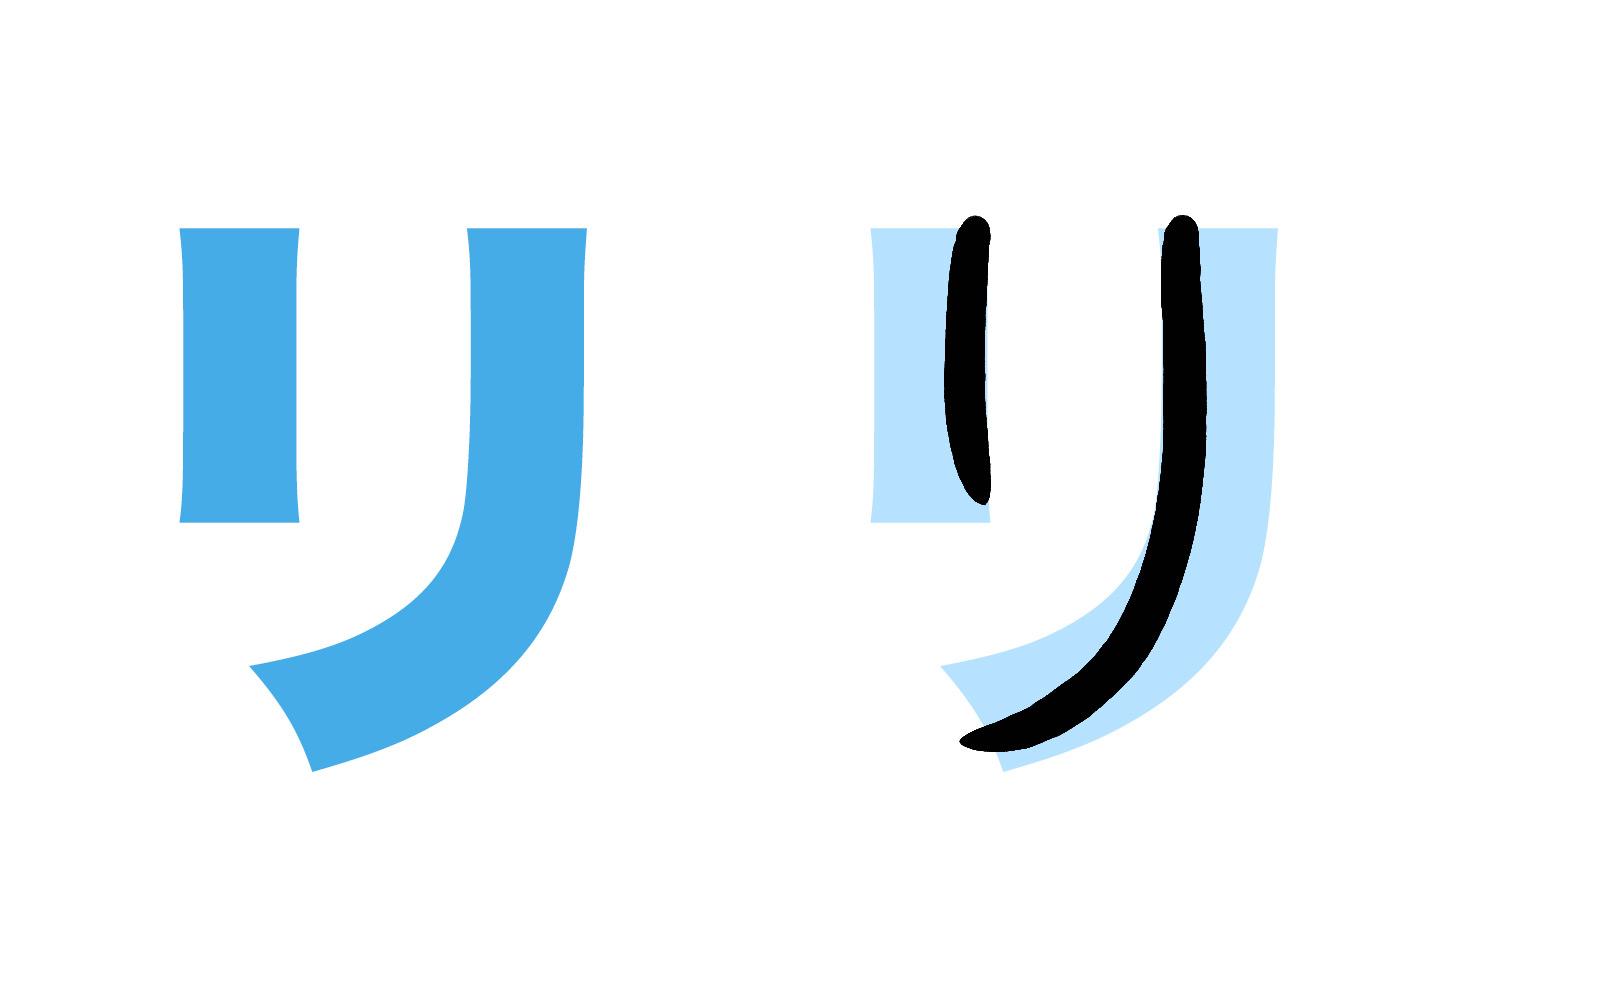 Katakana character リ mnemonic